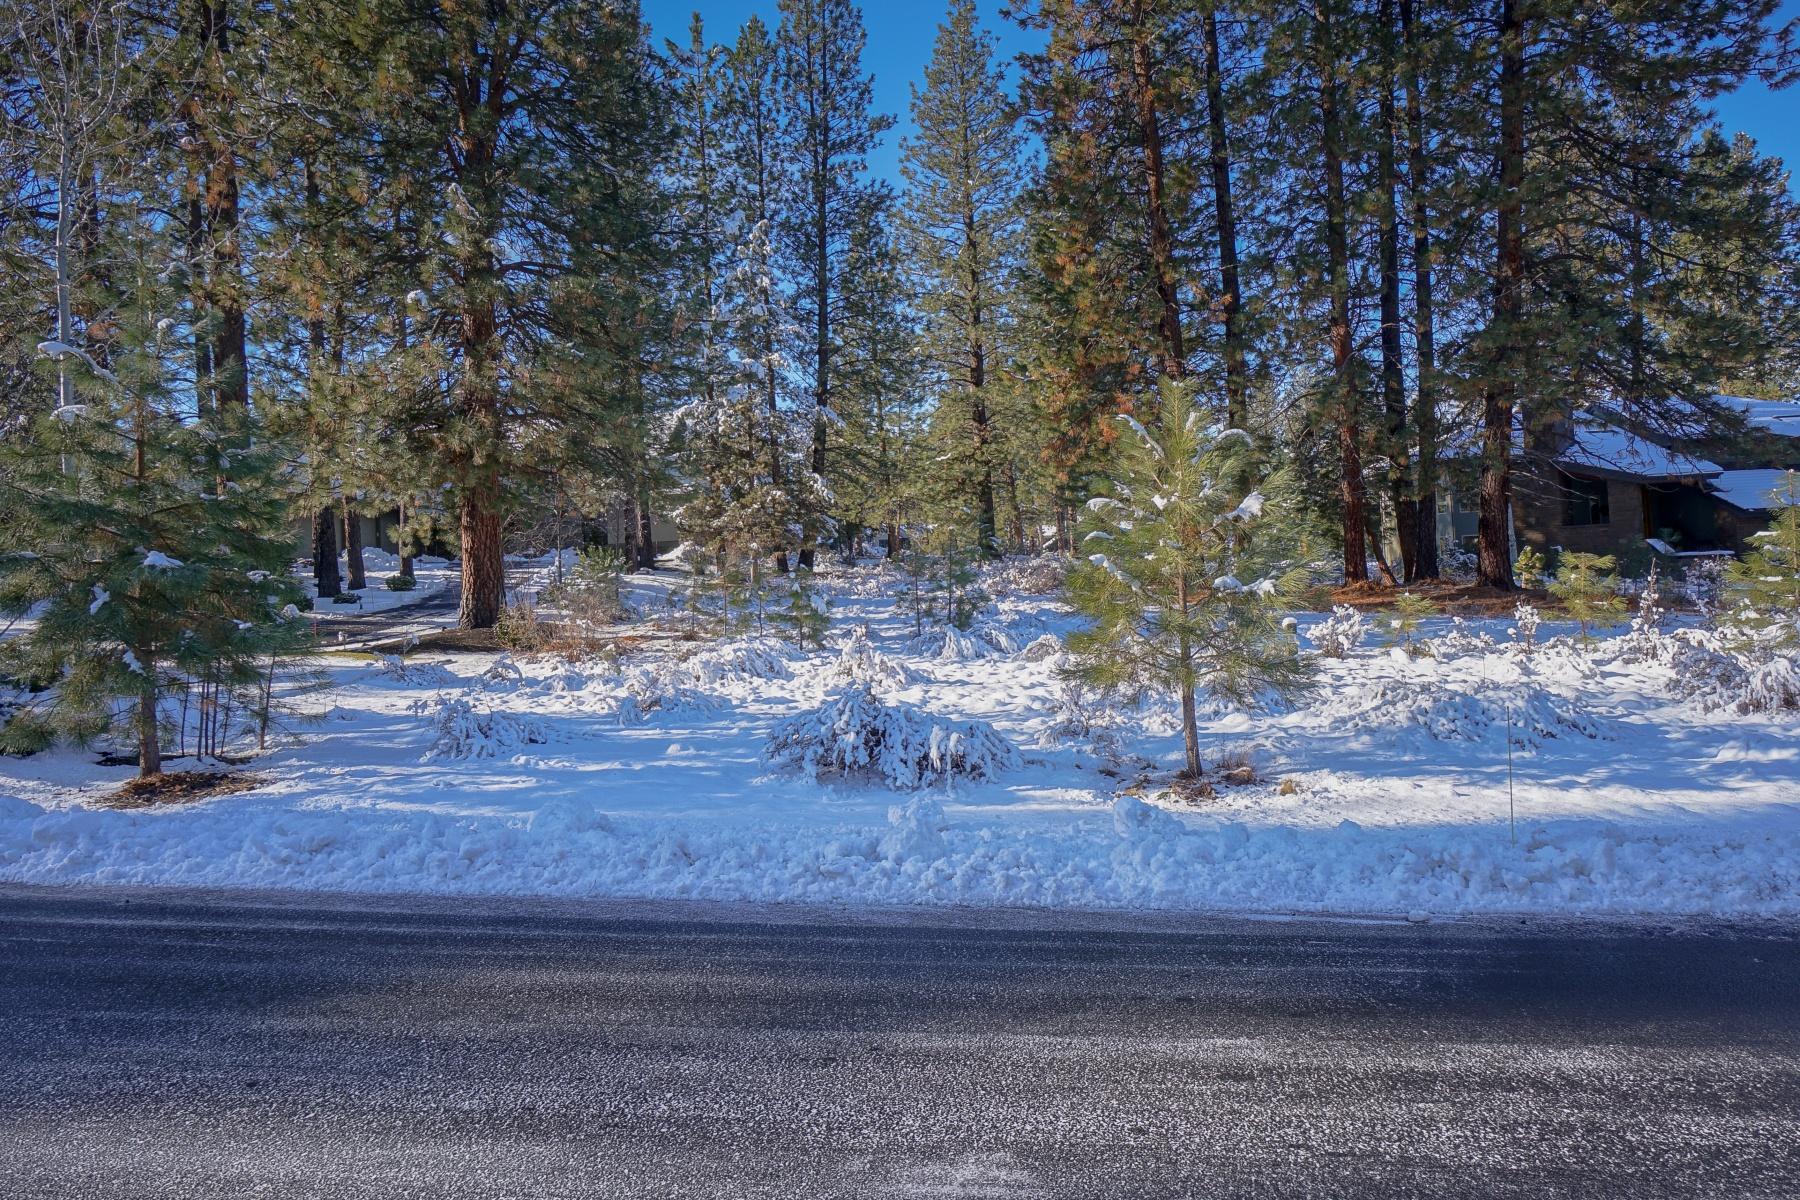 Terreno para Venda às Fanstastic Homesite in Broken Top 61746 Tam McArthur Loop Bend, Oregon 97702 Estados Unidos